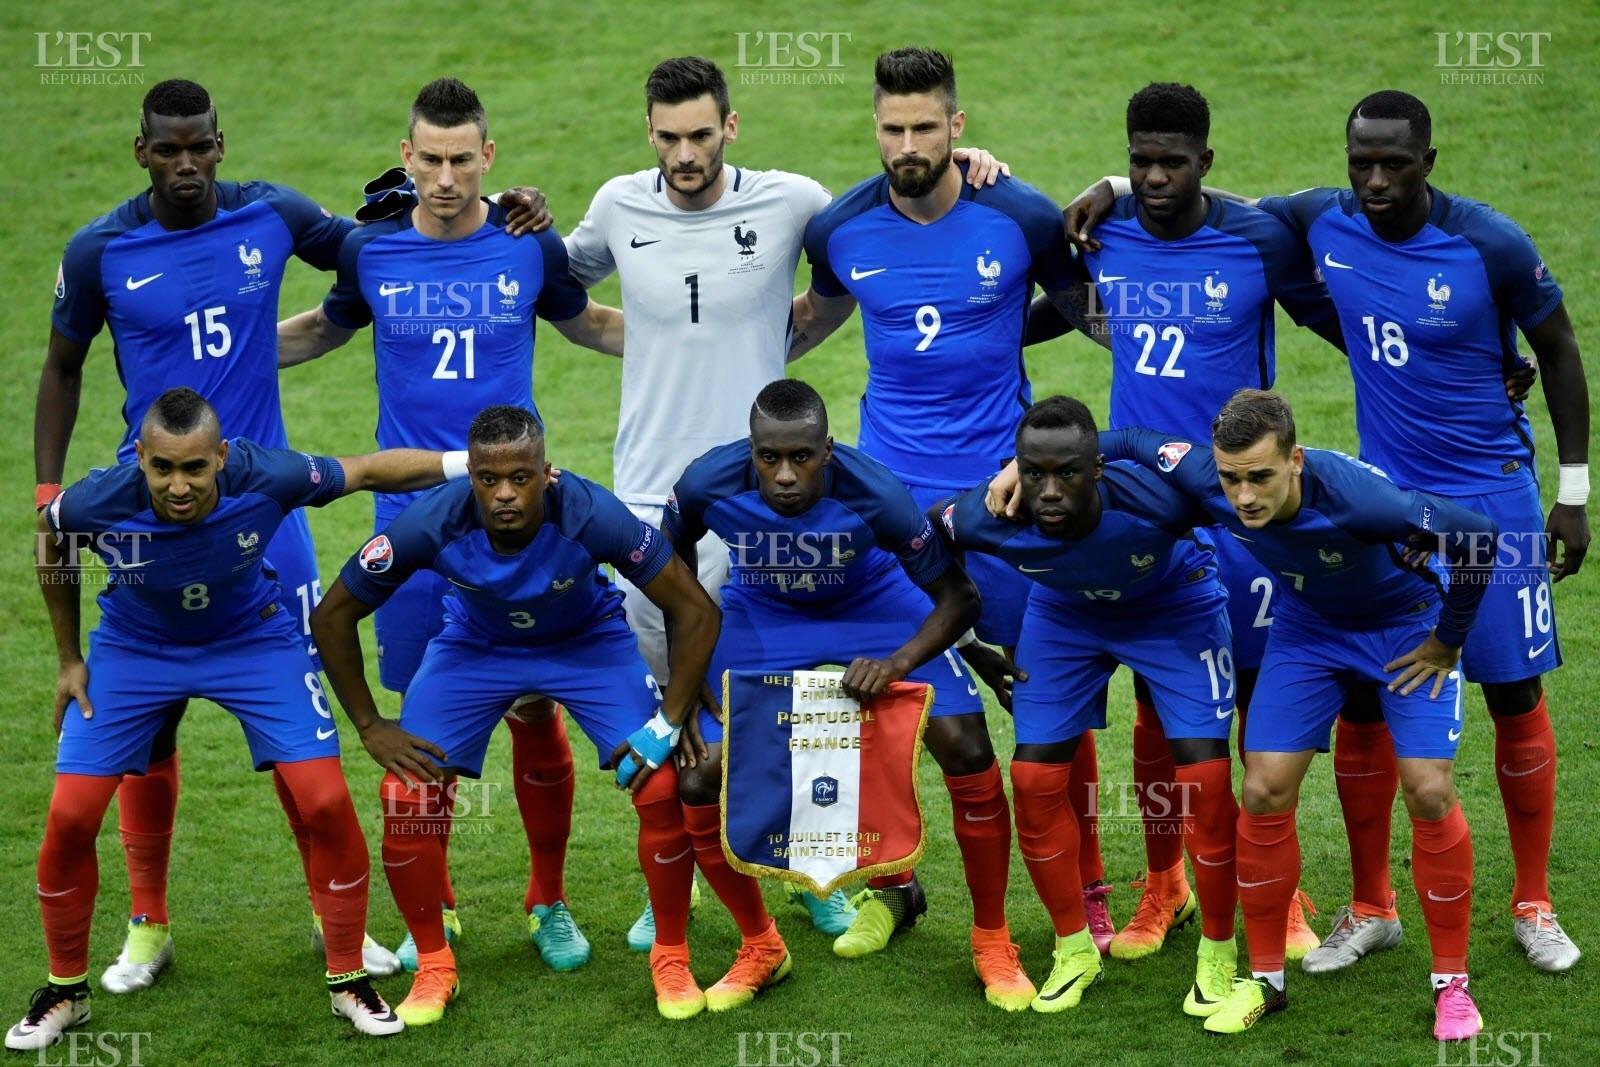 Coupe du monde 2018 : L'équipe de France